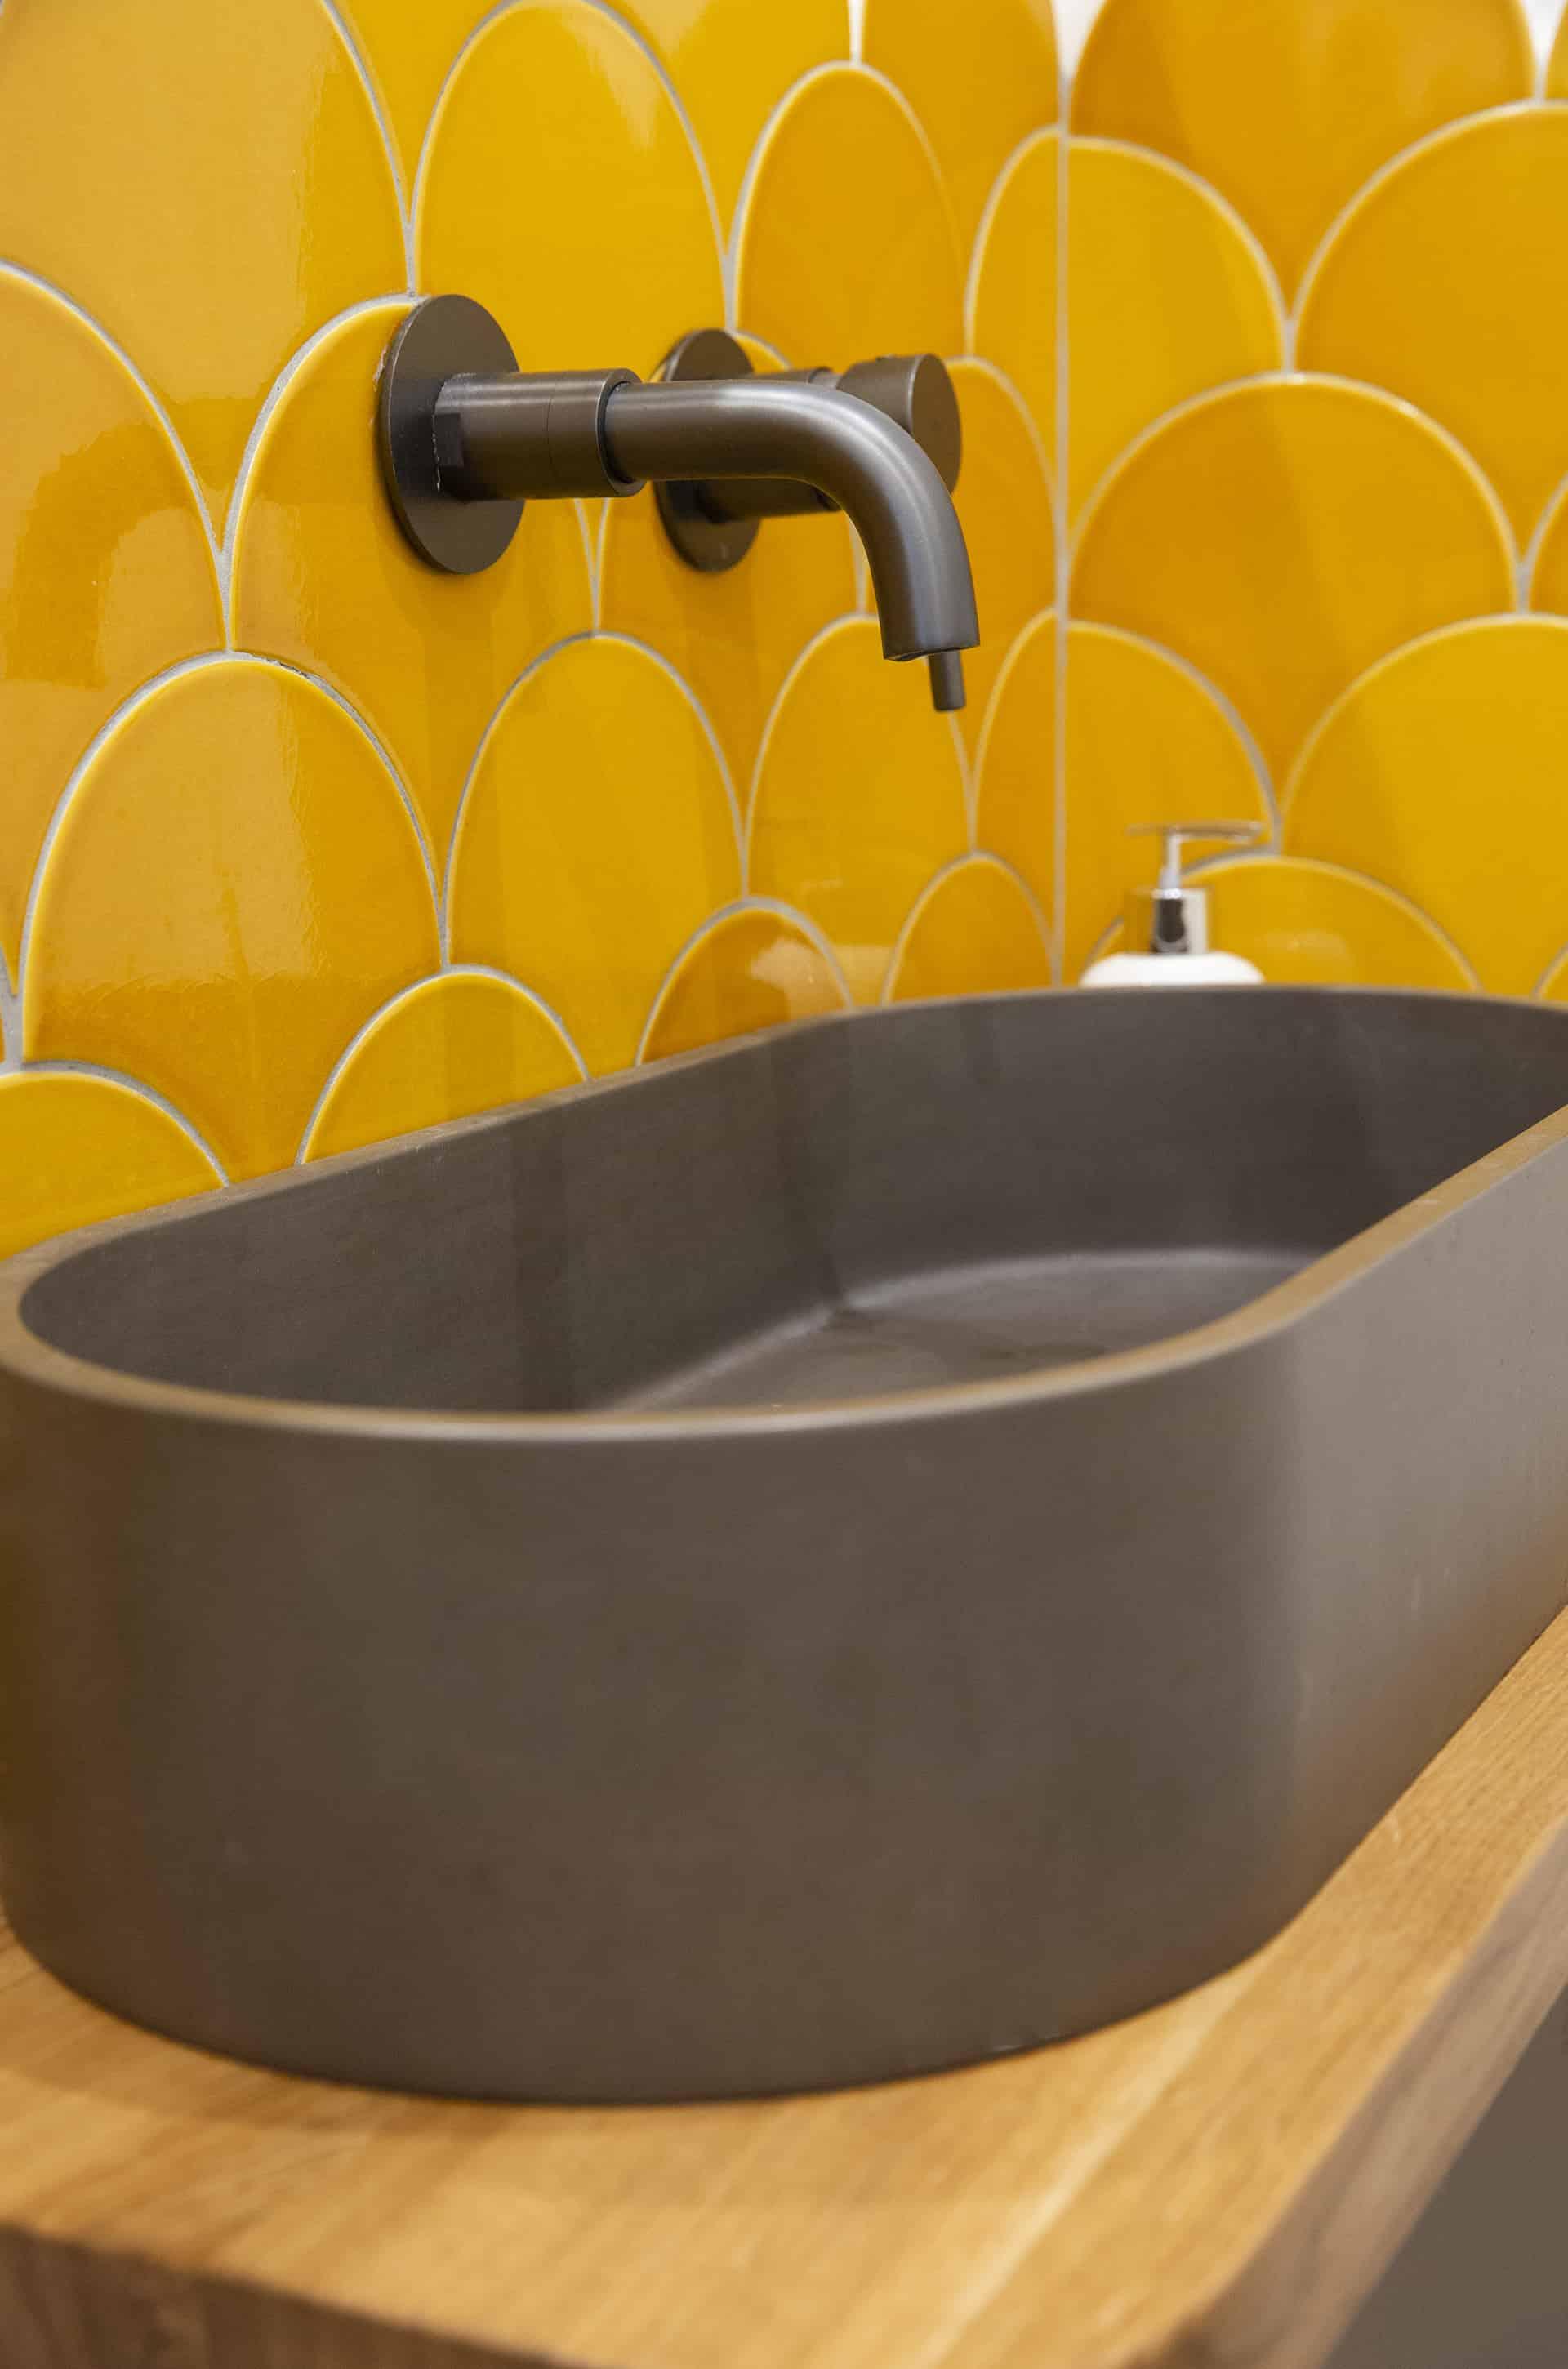 כיור בטון ואריחי קיר בצורת מניפות צהובות (fish scale tiles) - שיפוץ של בית פרטי בקדימה, שירית דרמן מעצבת פנים